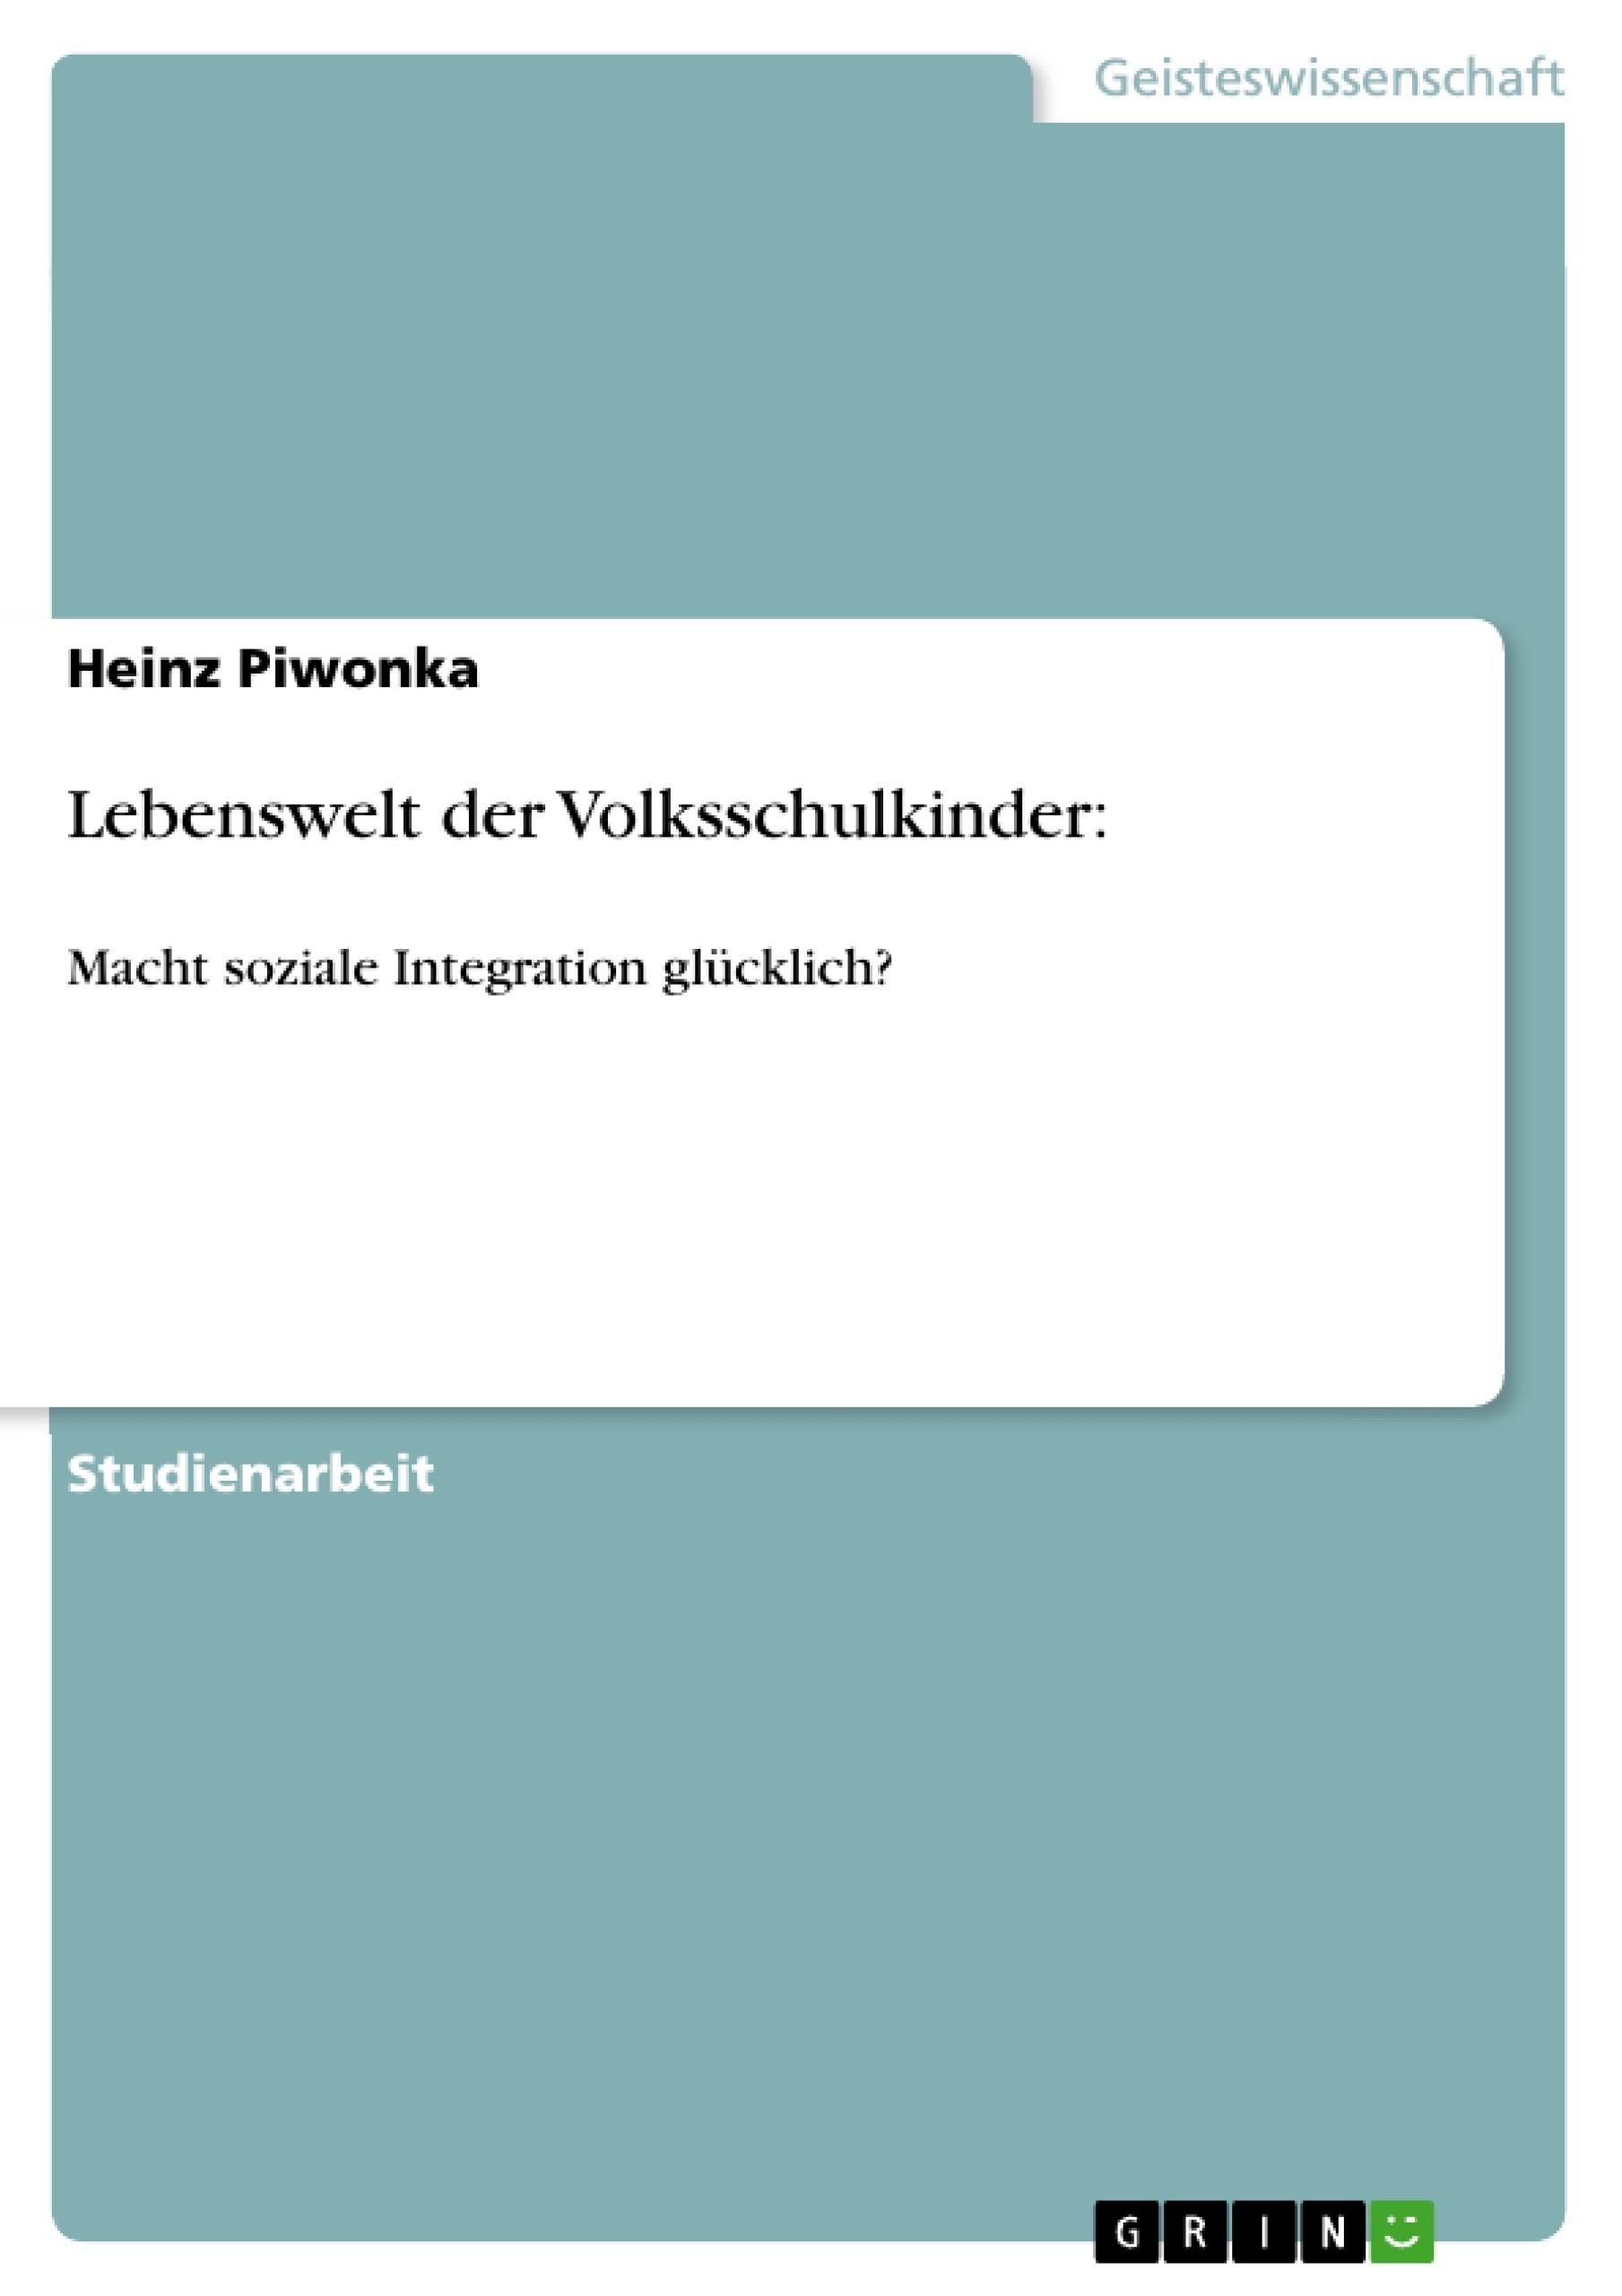 Titel: Lebenswelt der Volksschulkinder: